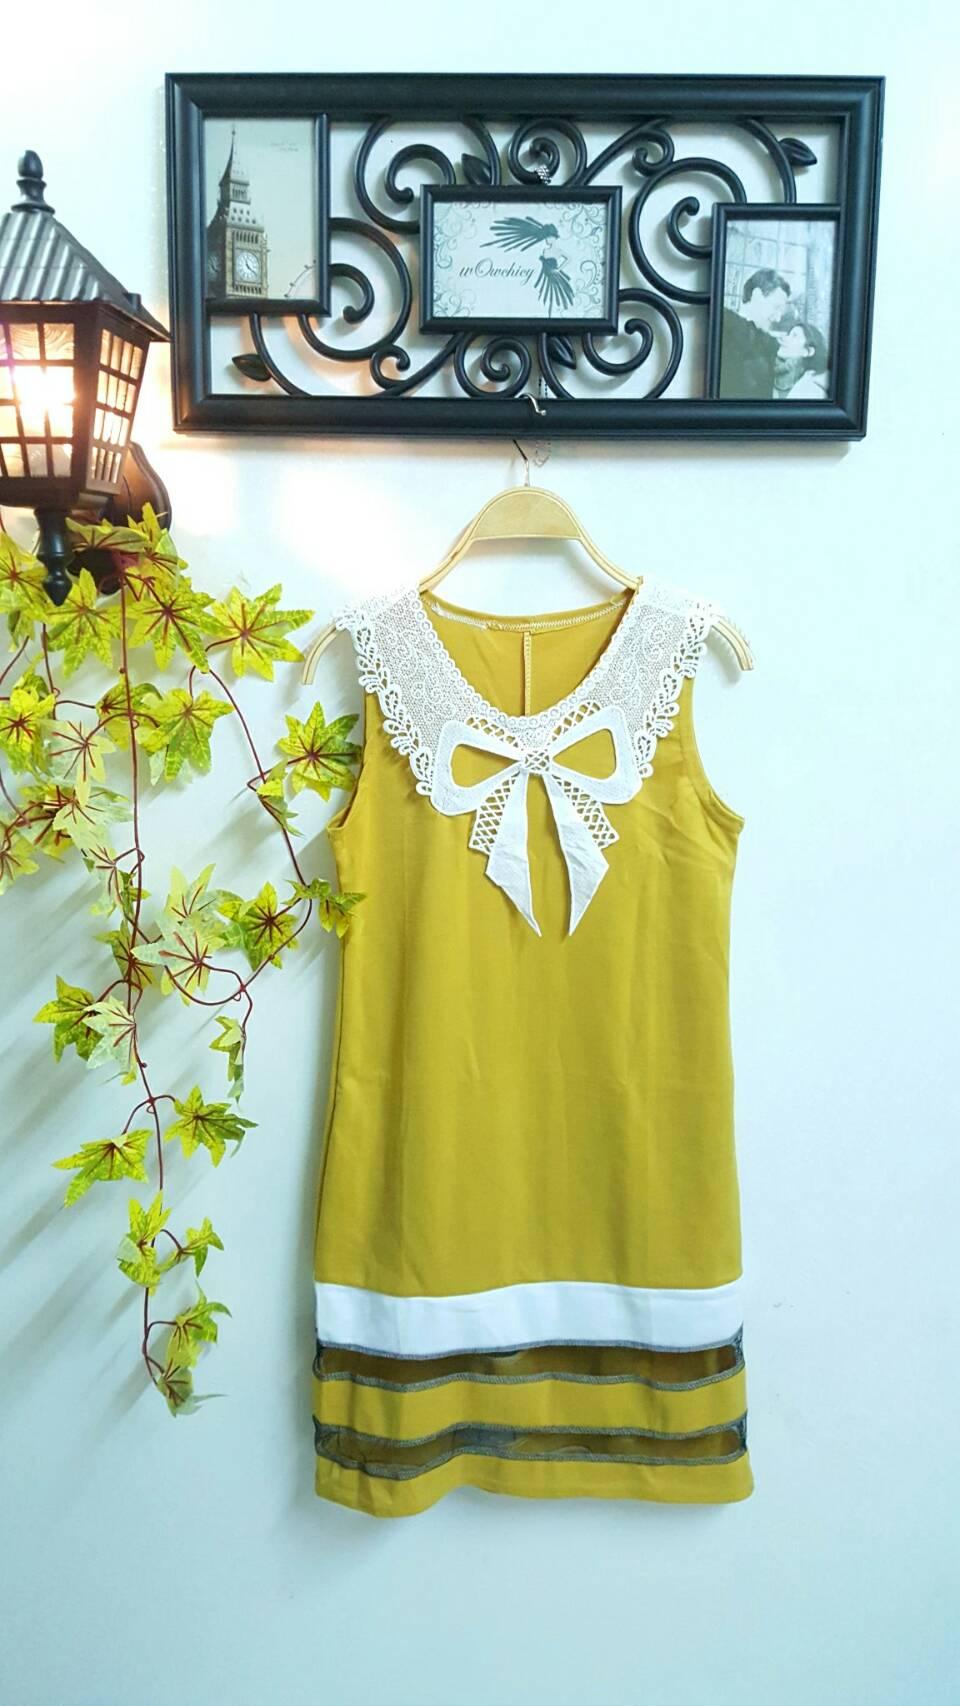 WOW Mini Dress : ชุดเดรสกระโปรงสั้นแขนกุด แต่งลูกไม้โบว์ที่คอเสื้อ แต่งชายกระโปรงต่อชั้นผ้ามุ้งสวย ผลิตจากผ้าแมง โก้หนานุ่มค่ะ